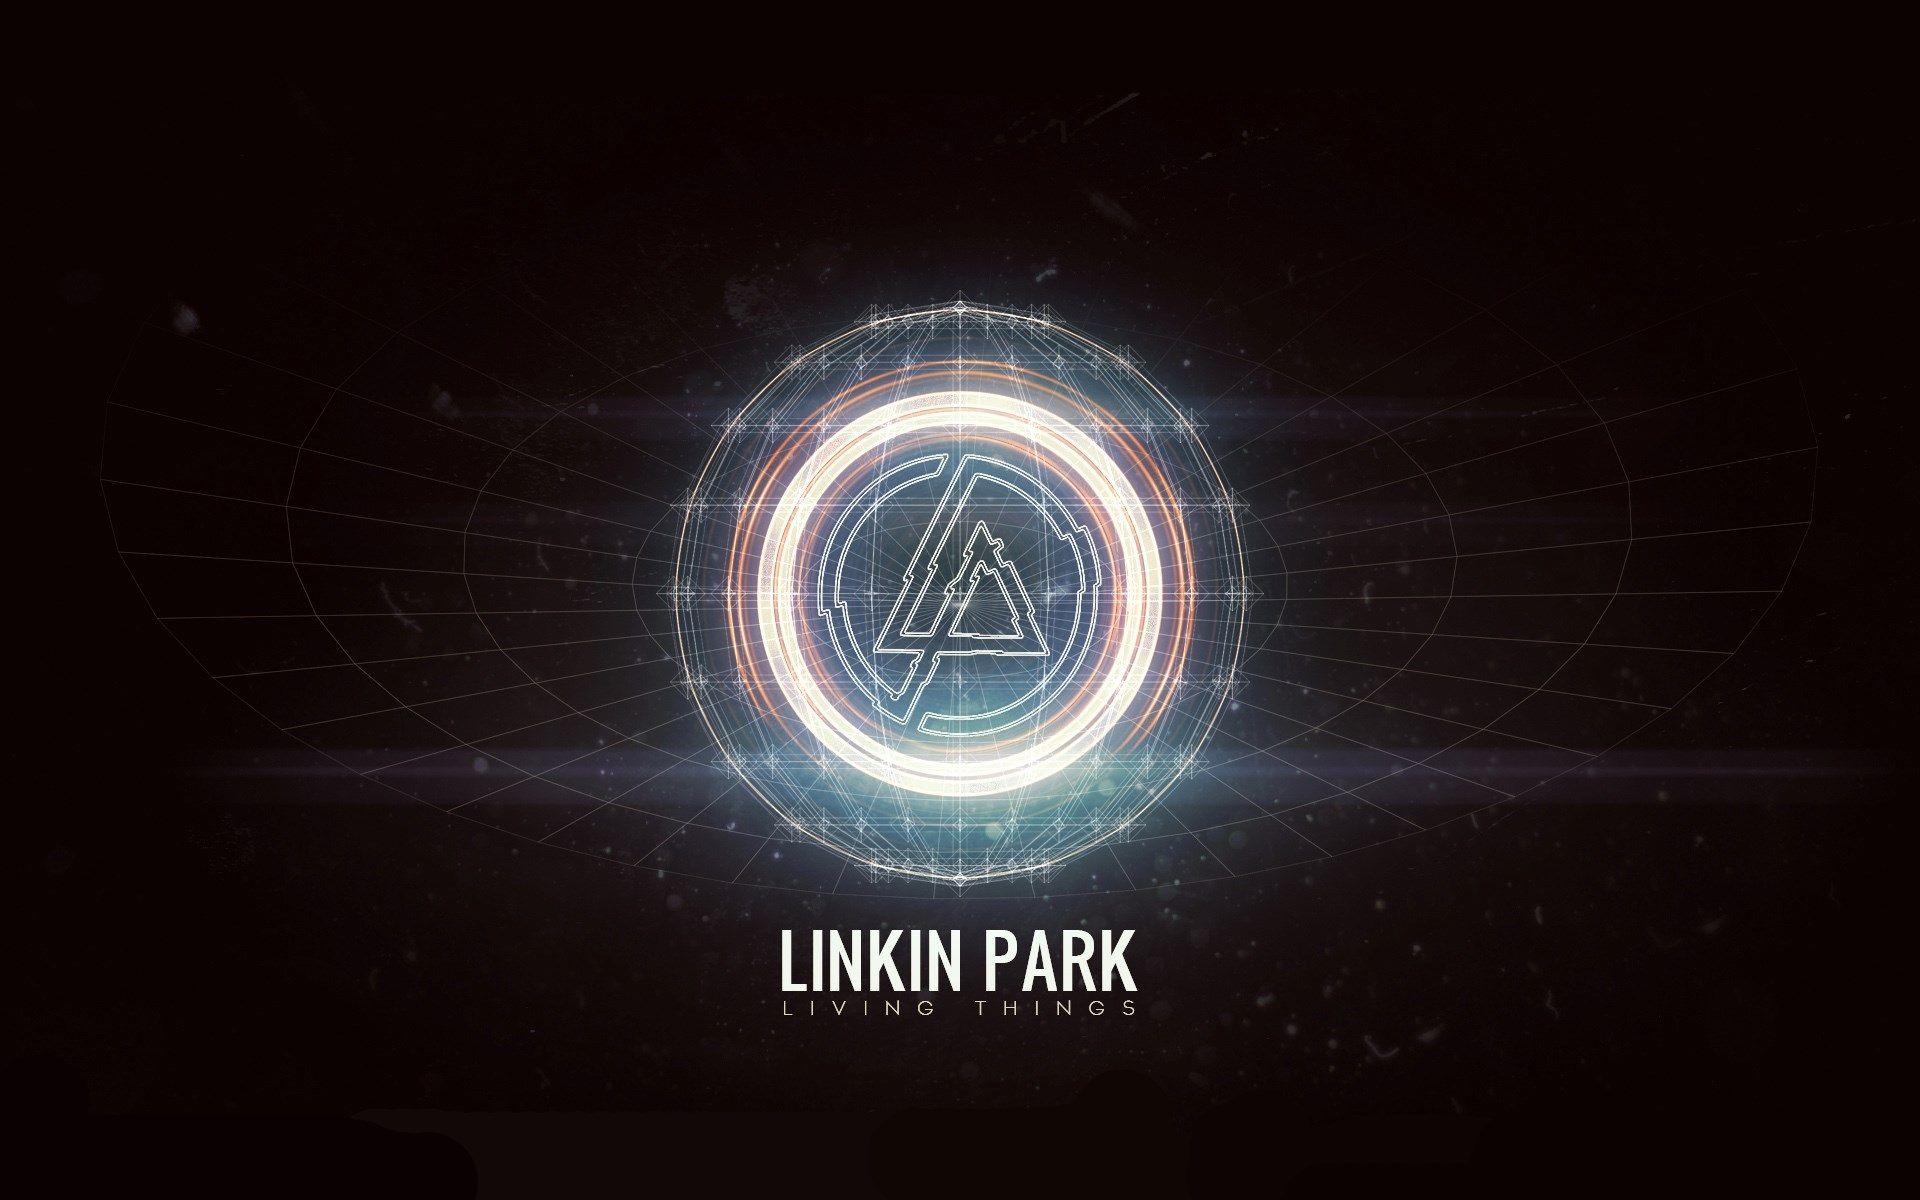 1920x1200 Linkin Park Hd Wallpaper Widescreen Linkin Park Wallpaper Linkin Park Linkin Park News